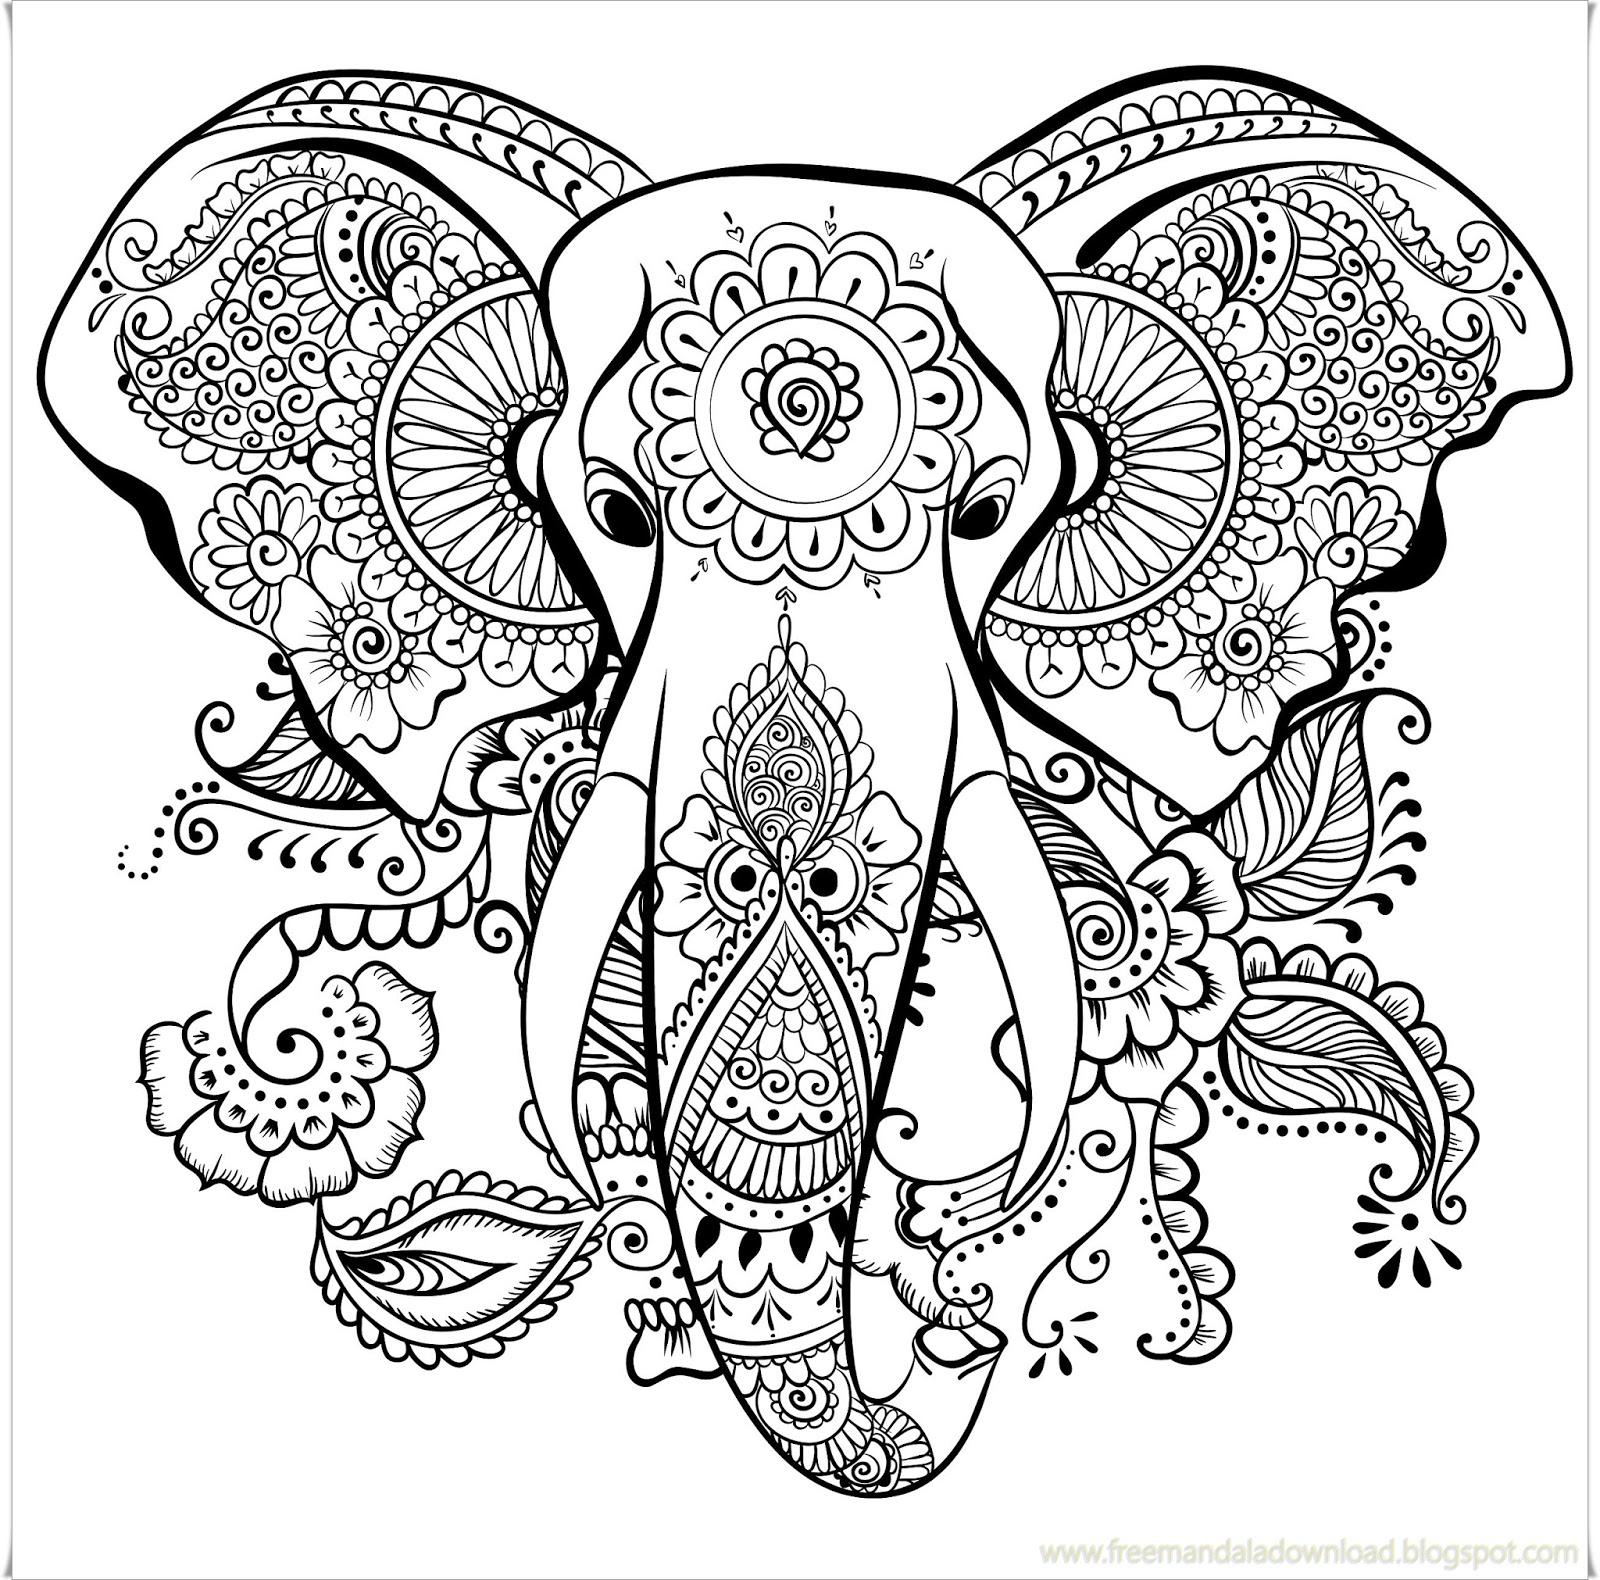 Free Mandala : Ausmalbilder Für Erwachsene Zum Ausdrucken innen Ausmalbilder Für Erwachsene Zum Ausdrucken